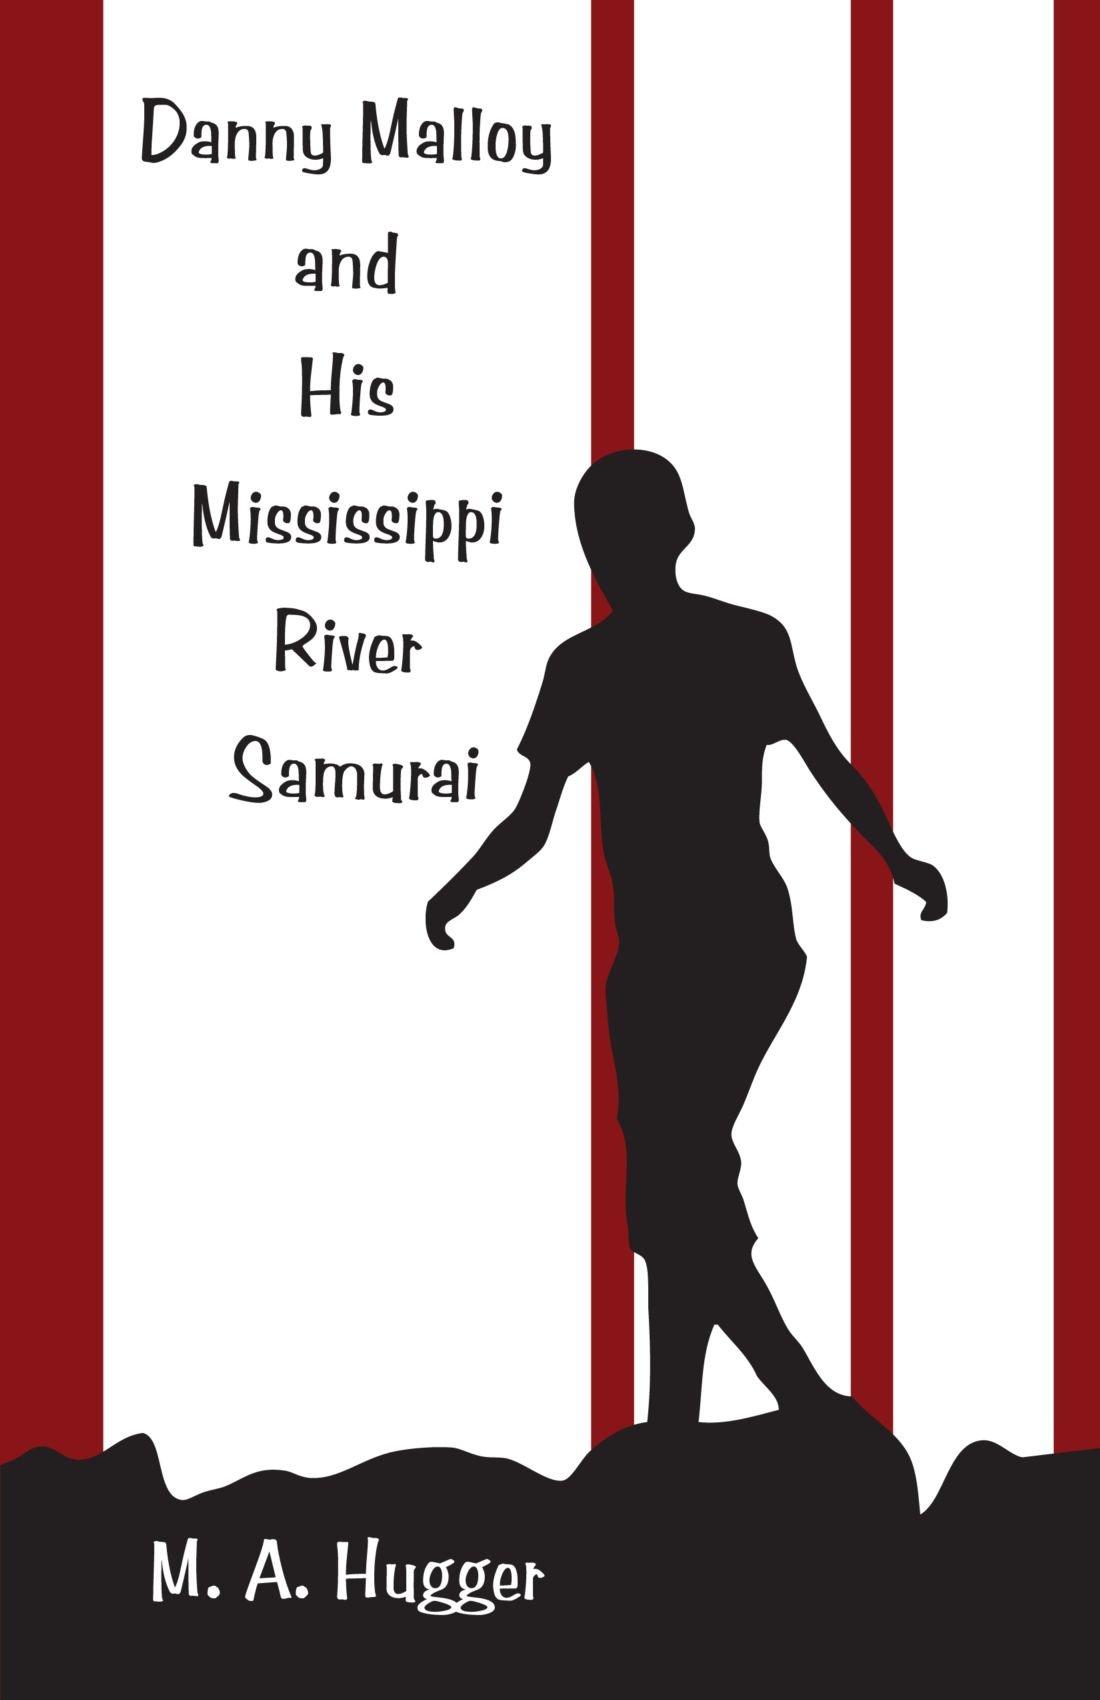 Danny Malloy and His Mississippi River Samurai ebook